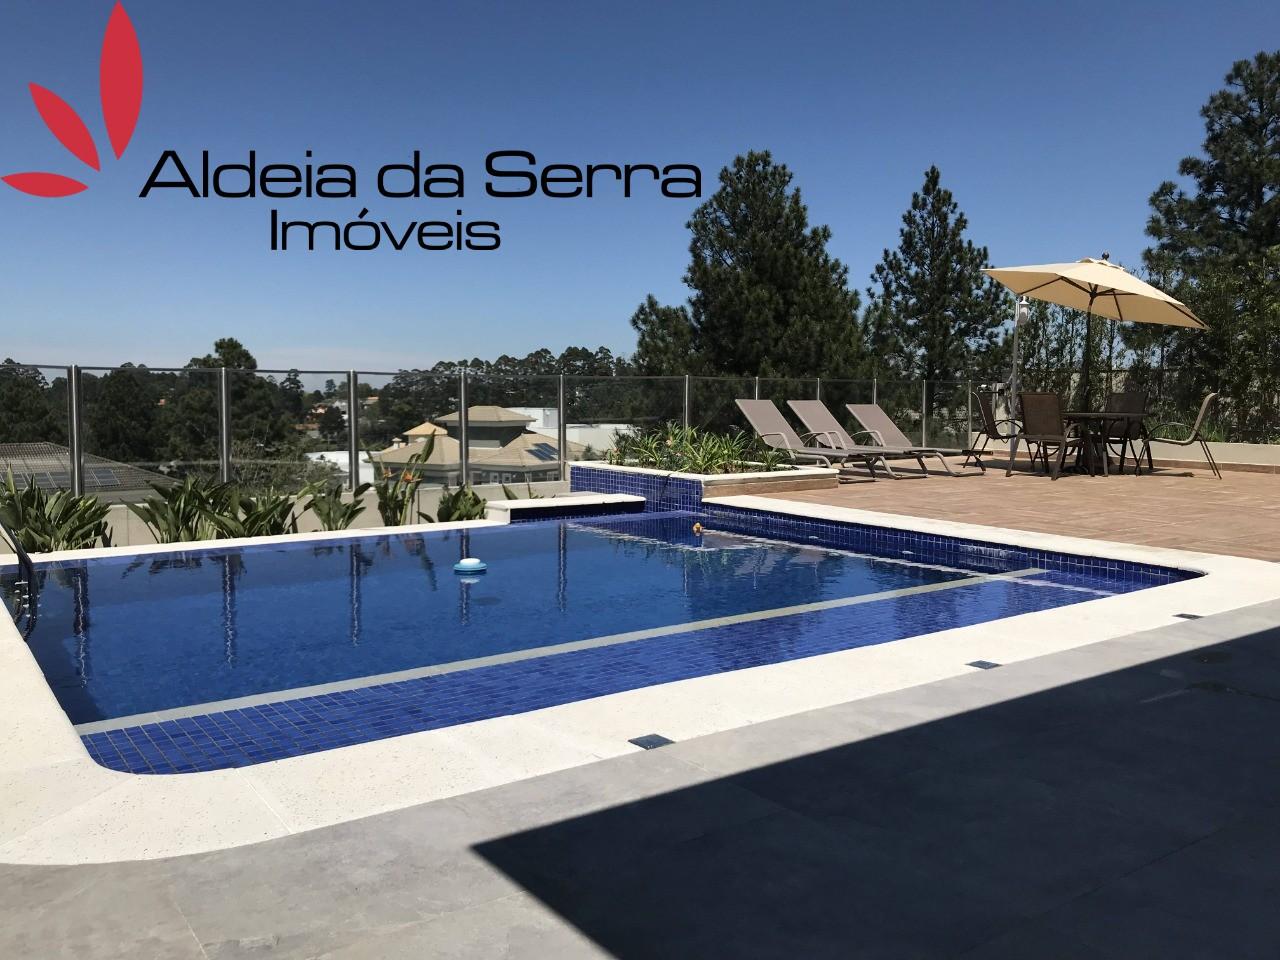 /admin/imoveis/fotos/IMG-20210728-WA0003.jpg Aldeia da Serra Imoveis